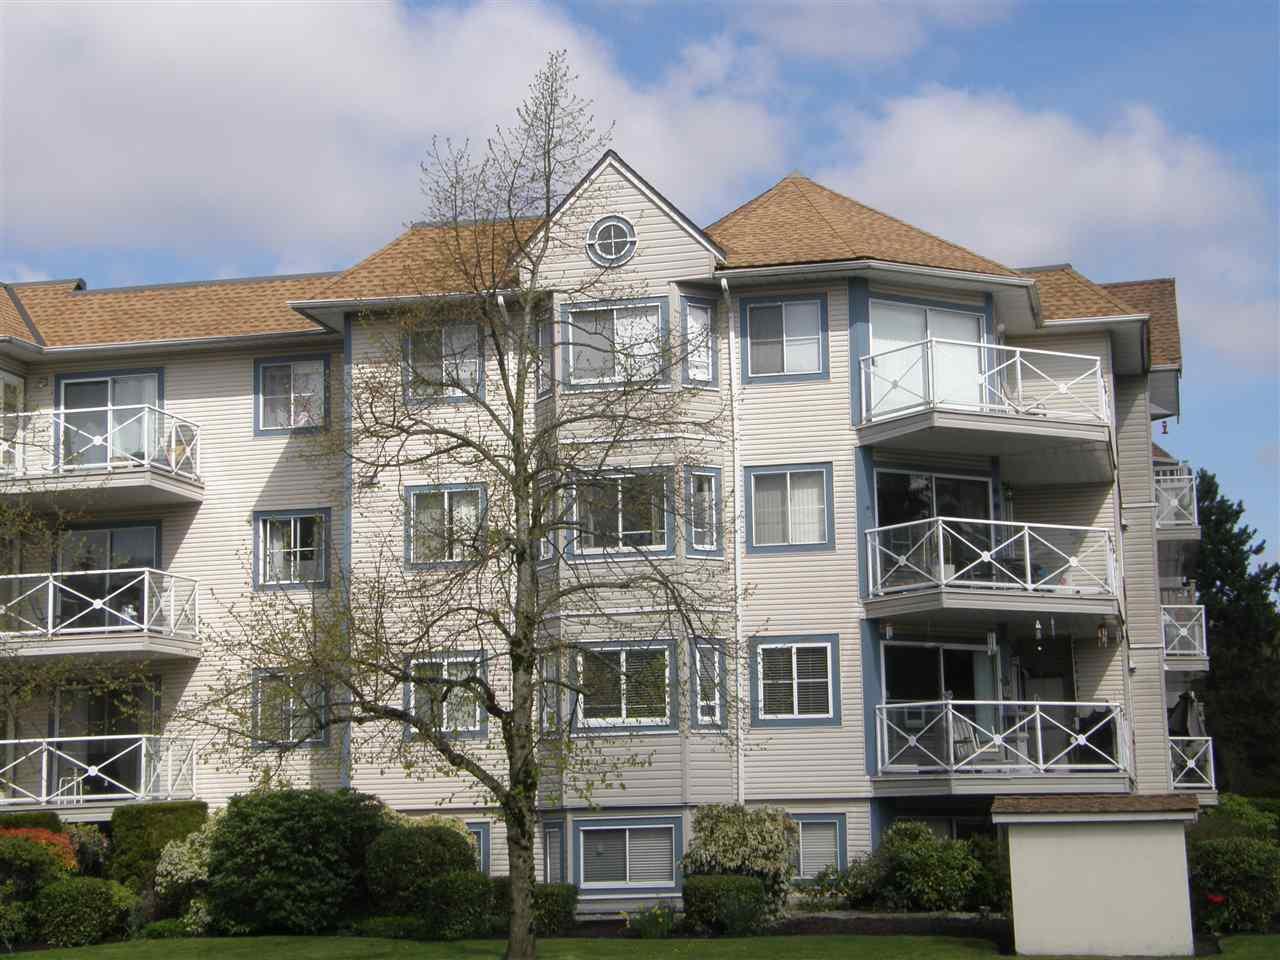 """Main Photo: 511 12101 80 Avenue in Surrey: Queen Mary Park Surrey Condo for sale in """"SURREY TOWN MANOR"""" : MLS®# R2362565"""